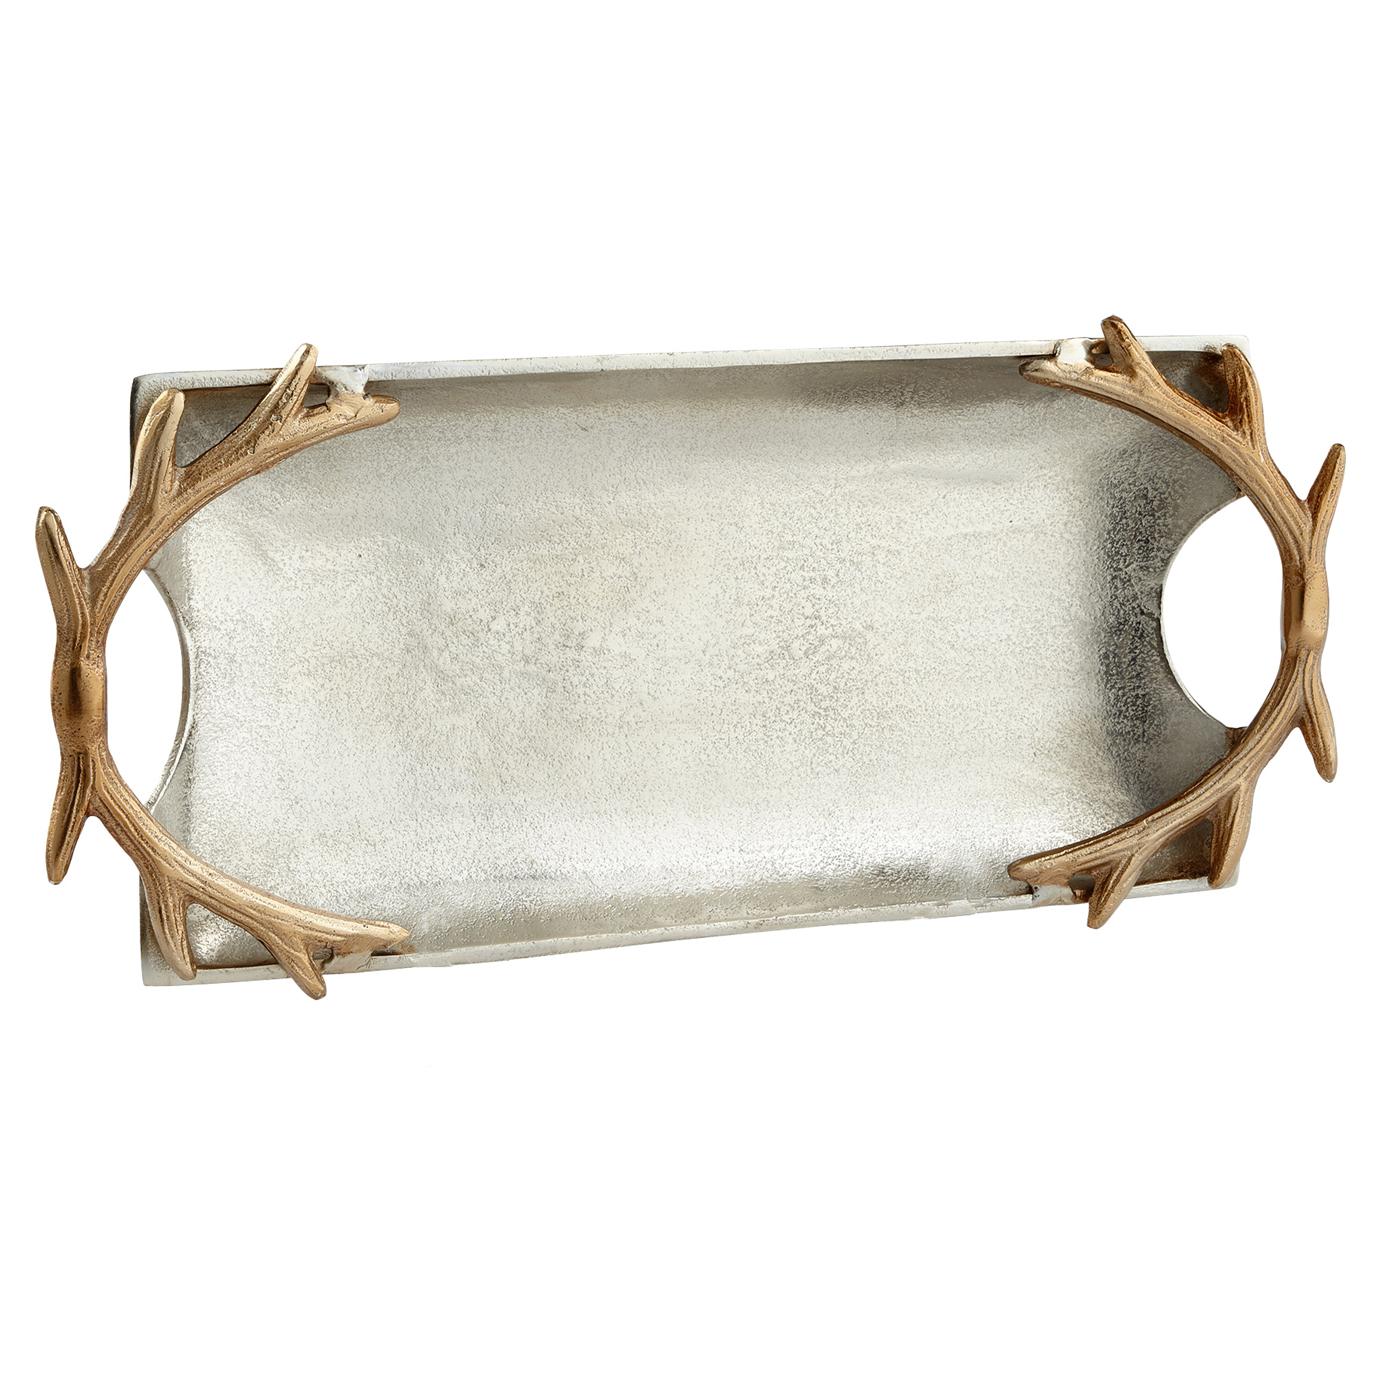 Gold Antler Rectangular Pewter Silver Tray - Large